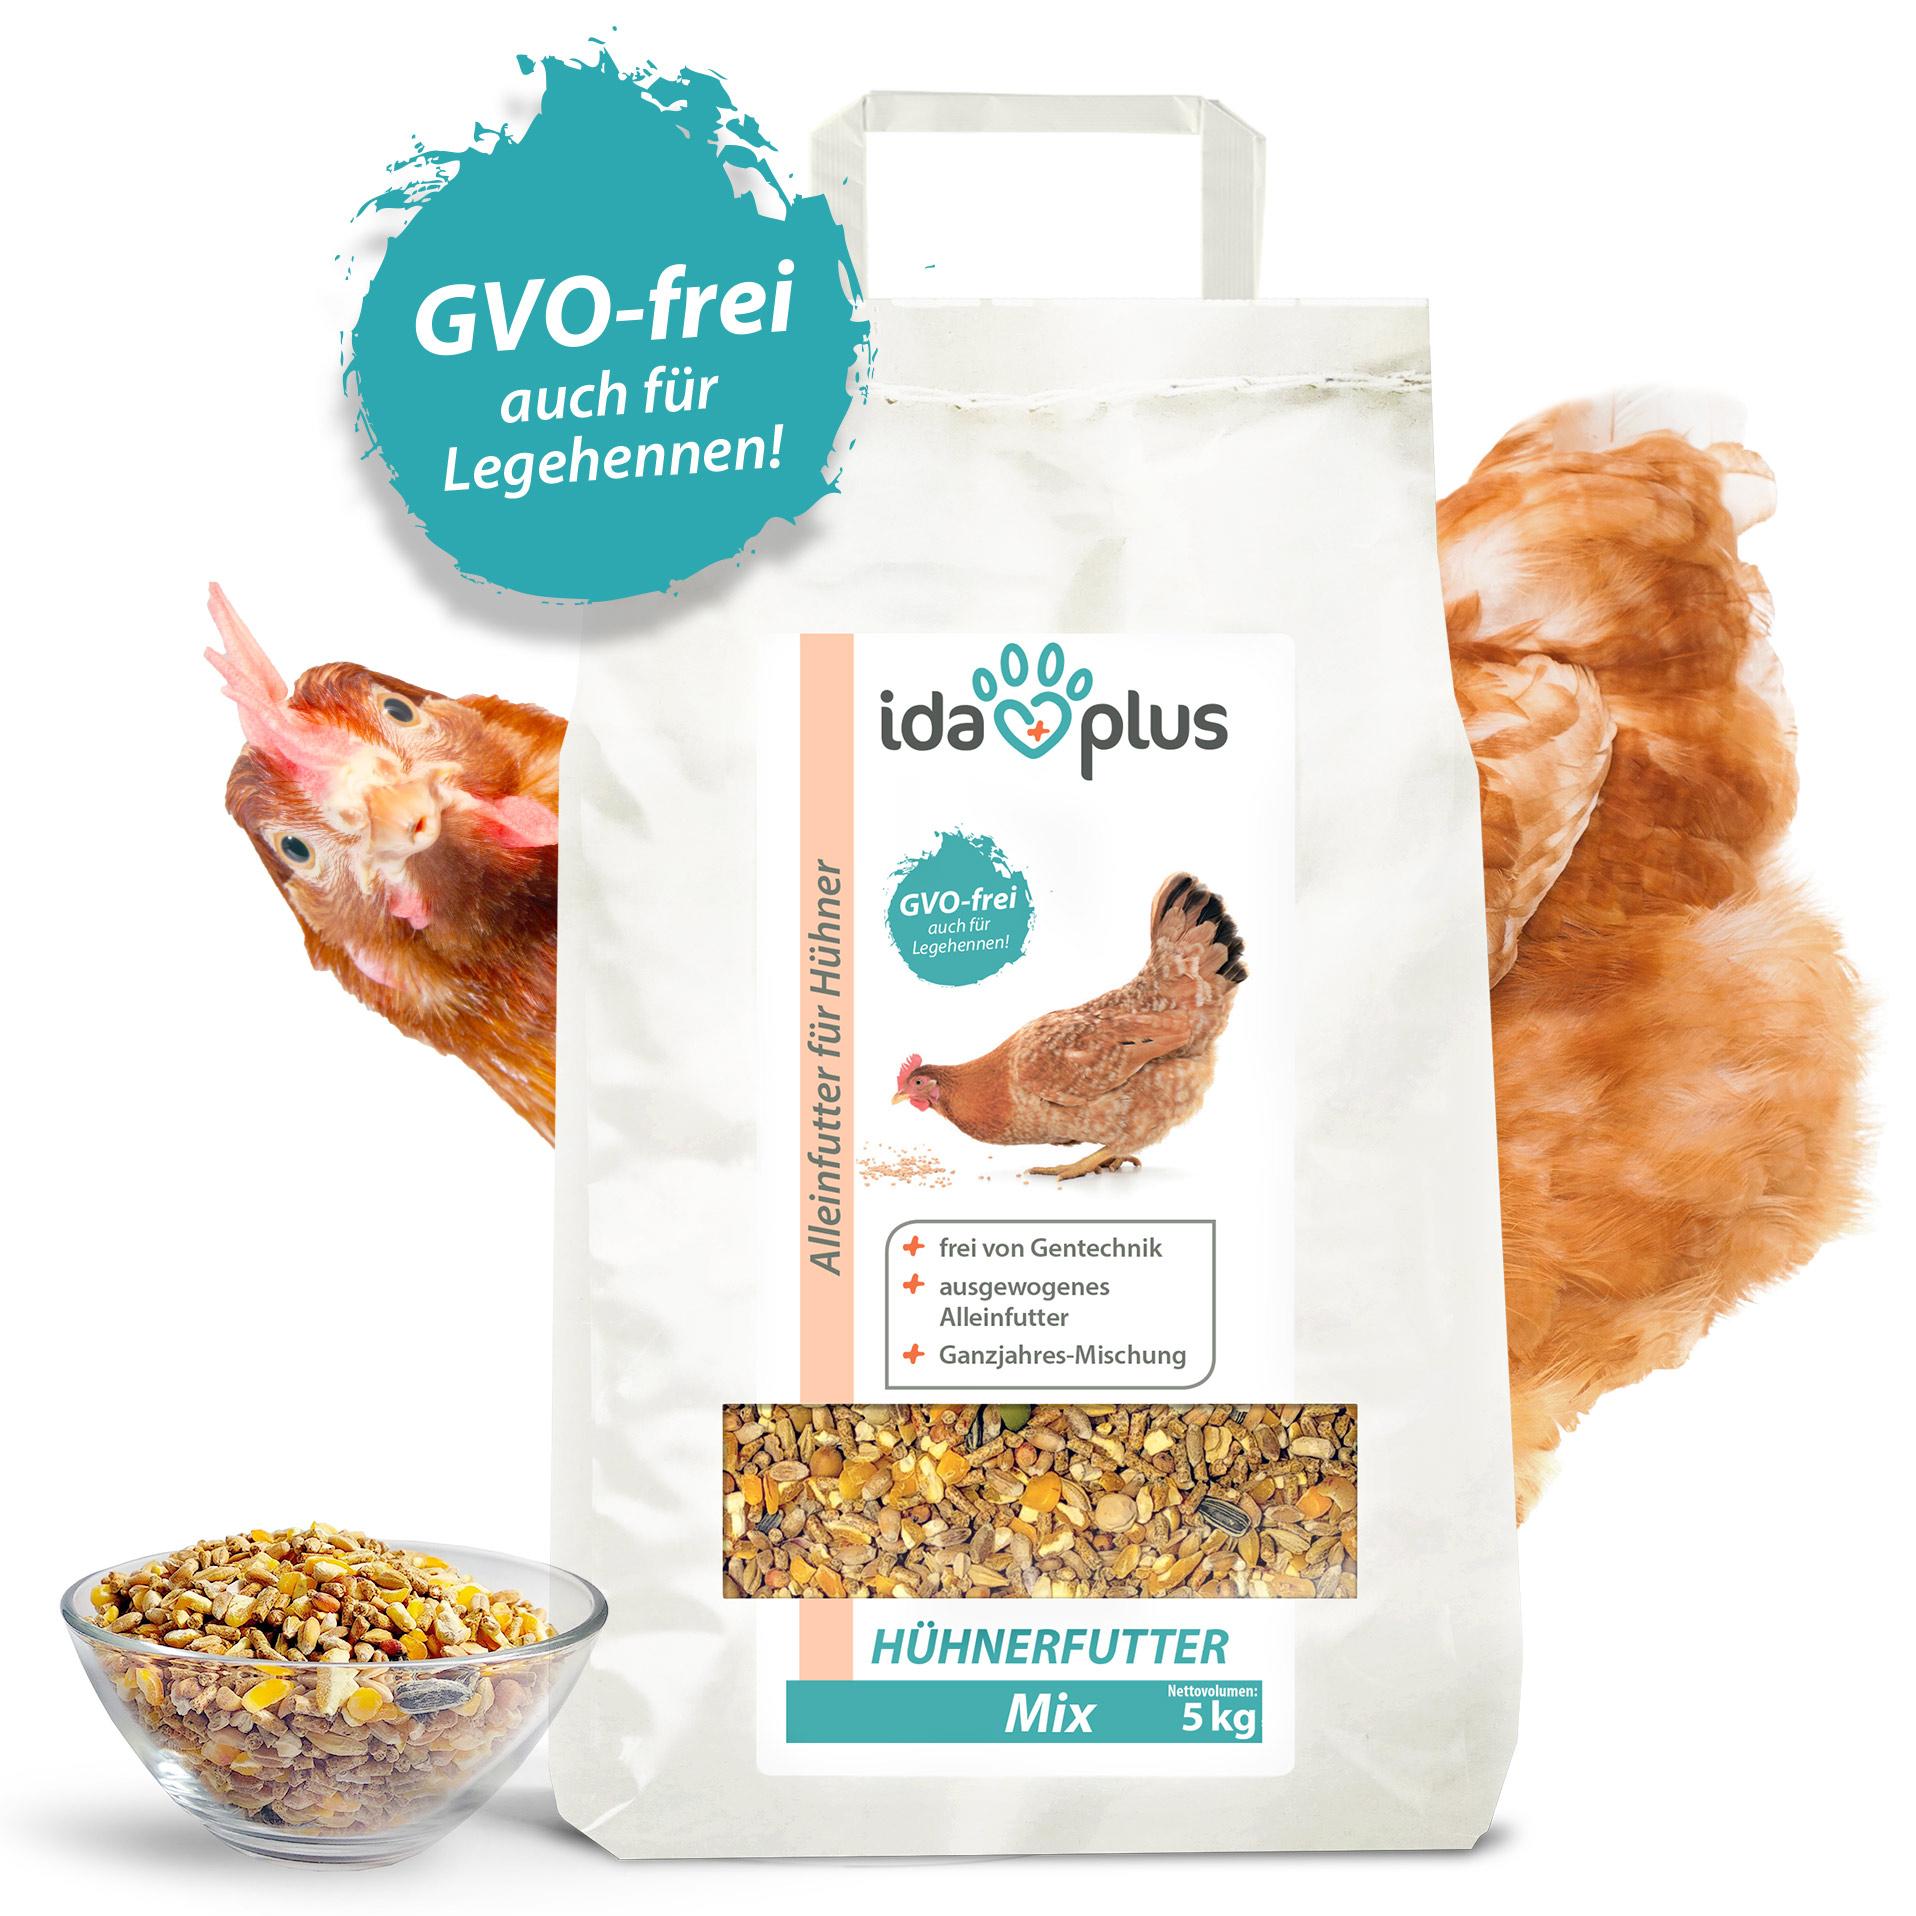 Hühnerfutter Mix GVO-frei - Ausgewogenes Alleinfutter - Ganzjahresmischung - 5 Kg